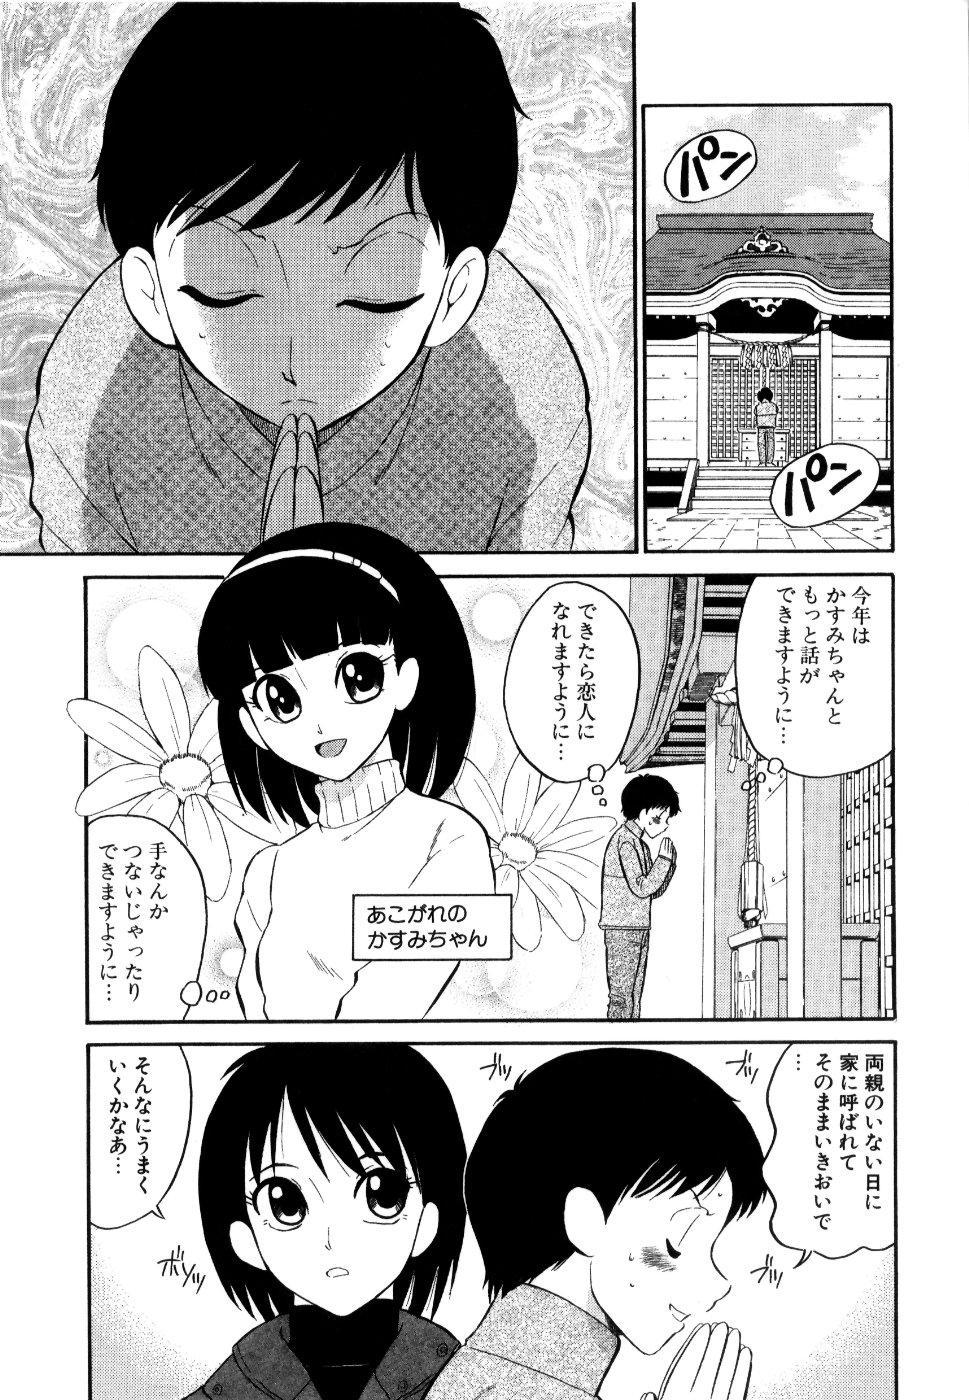 [Dozamura] Doguu -Dozamura Guuwa- Kuro 209